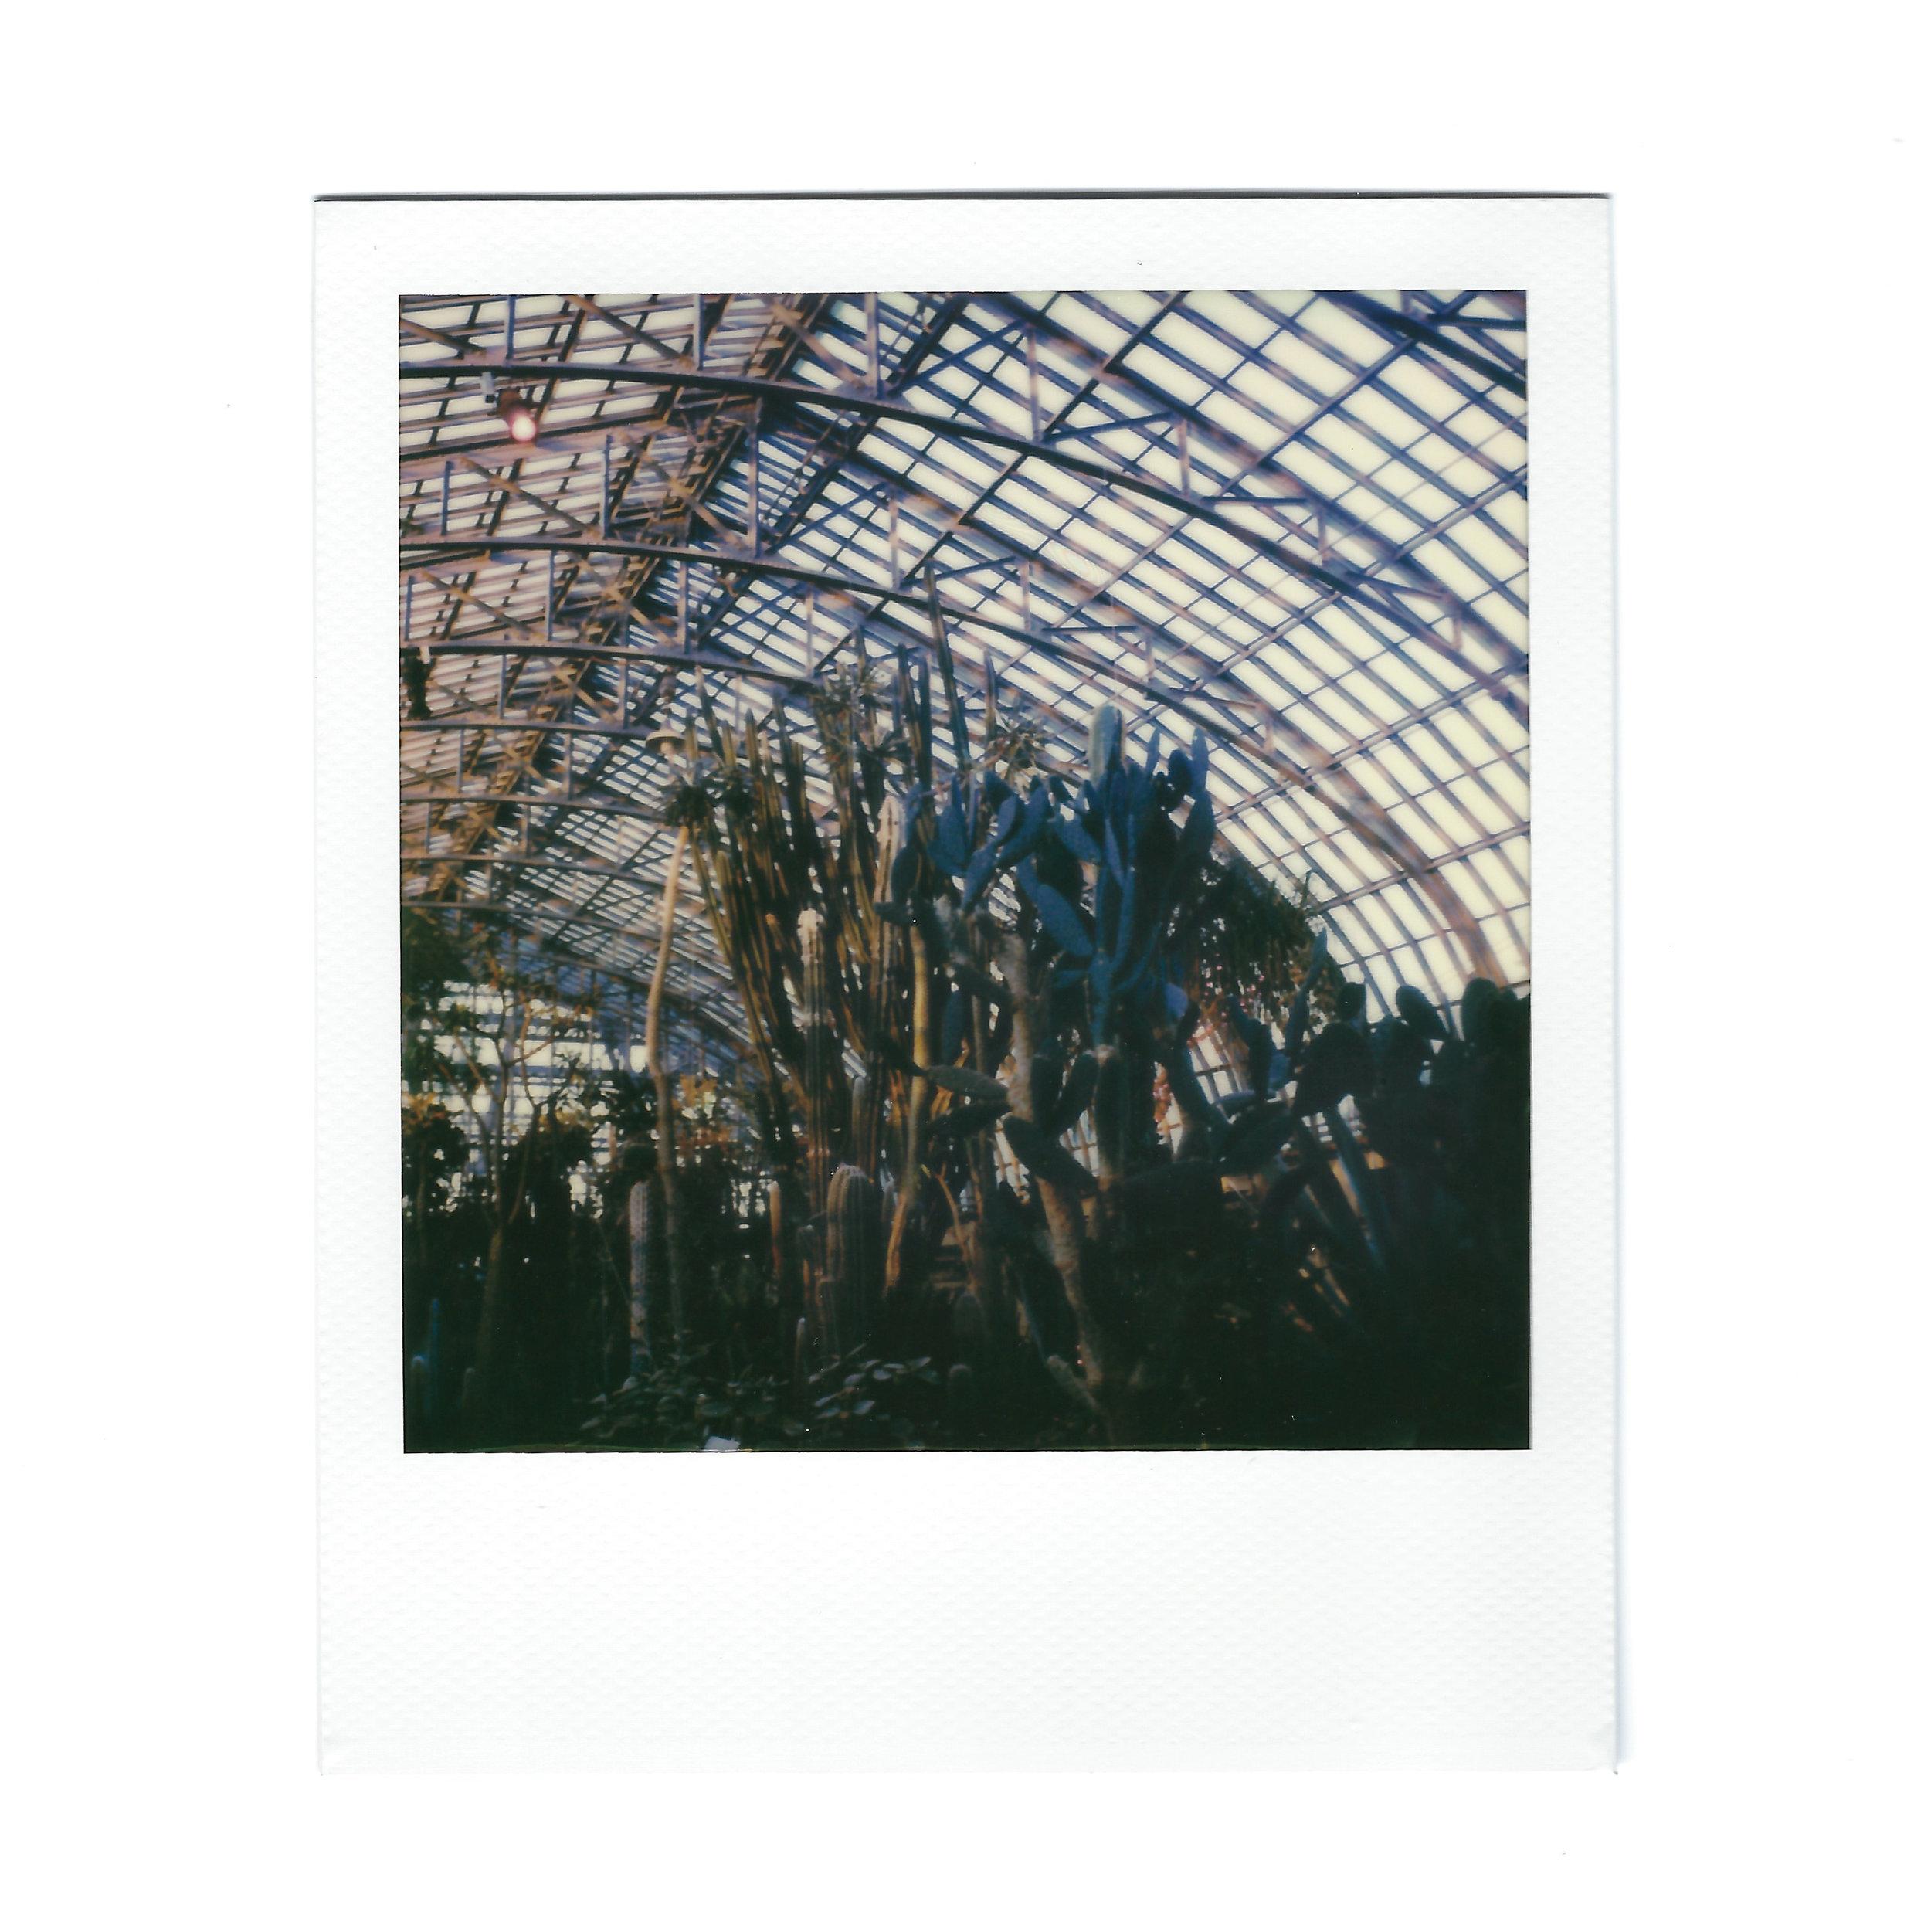 desert-room-polaroid.jpg